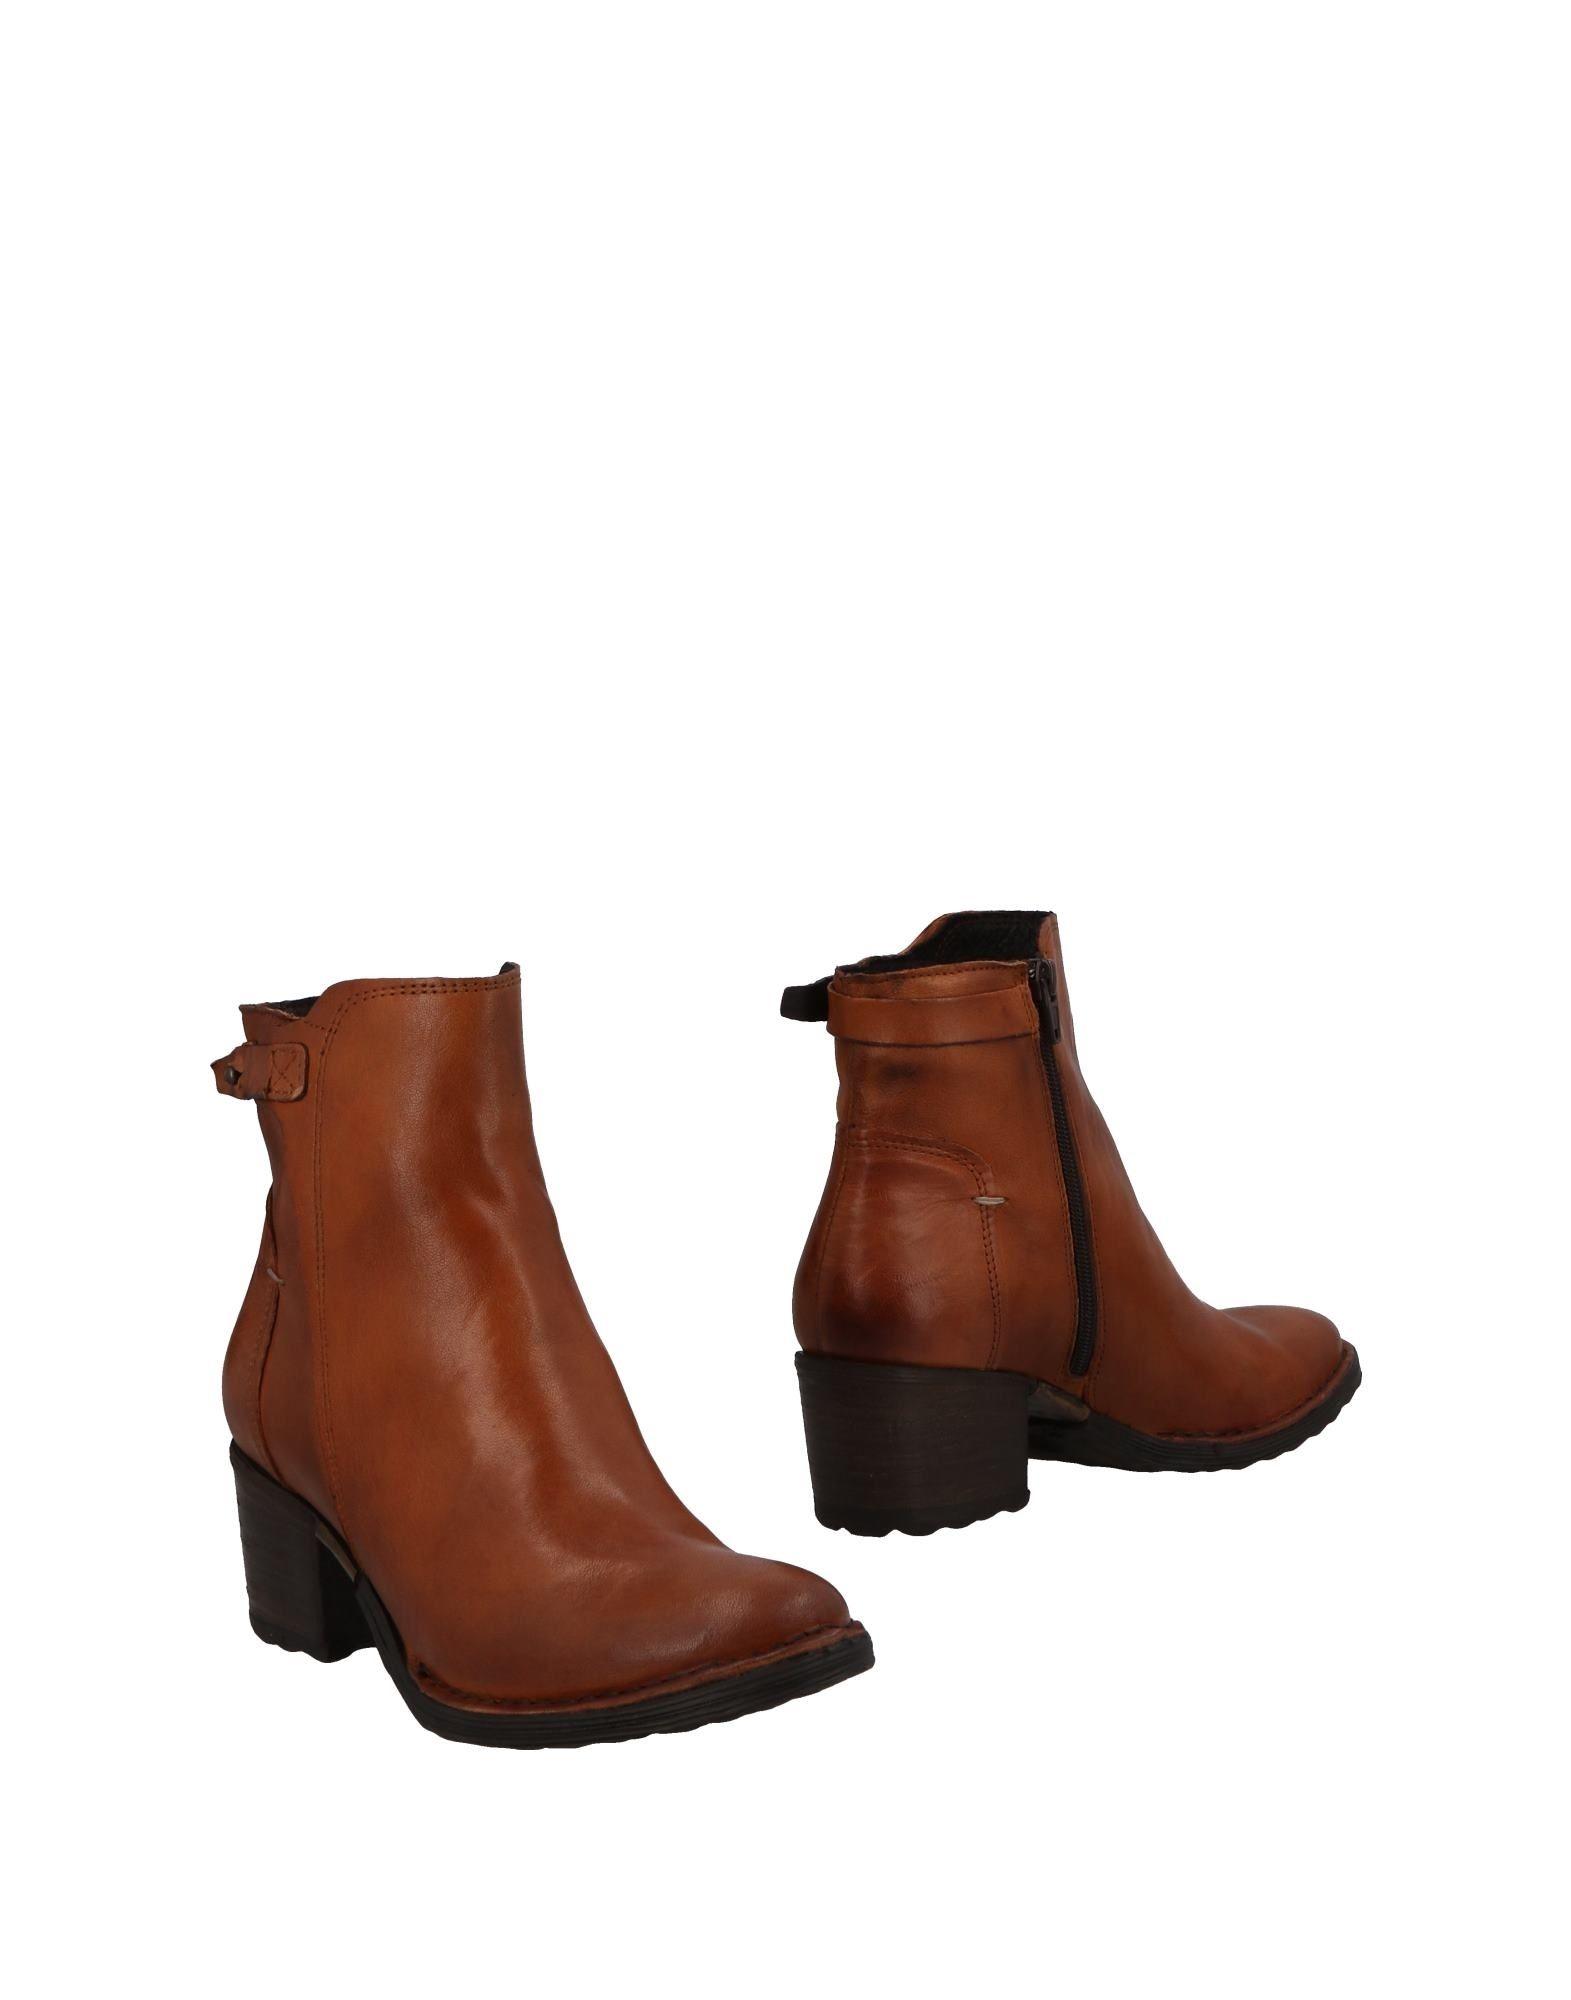 Khrio' Stiefelette Damen  11492410EB Gute Qualität beliebte Schuhe